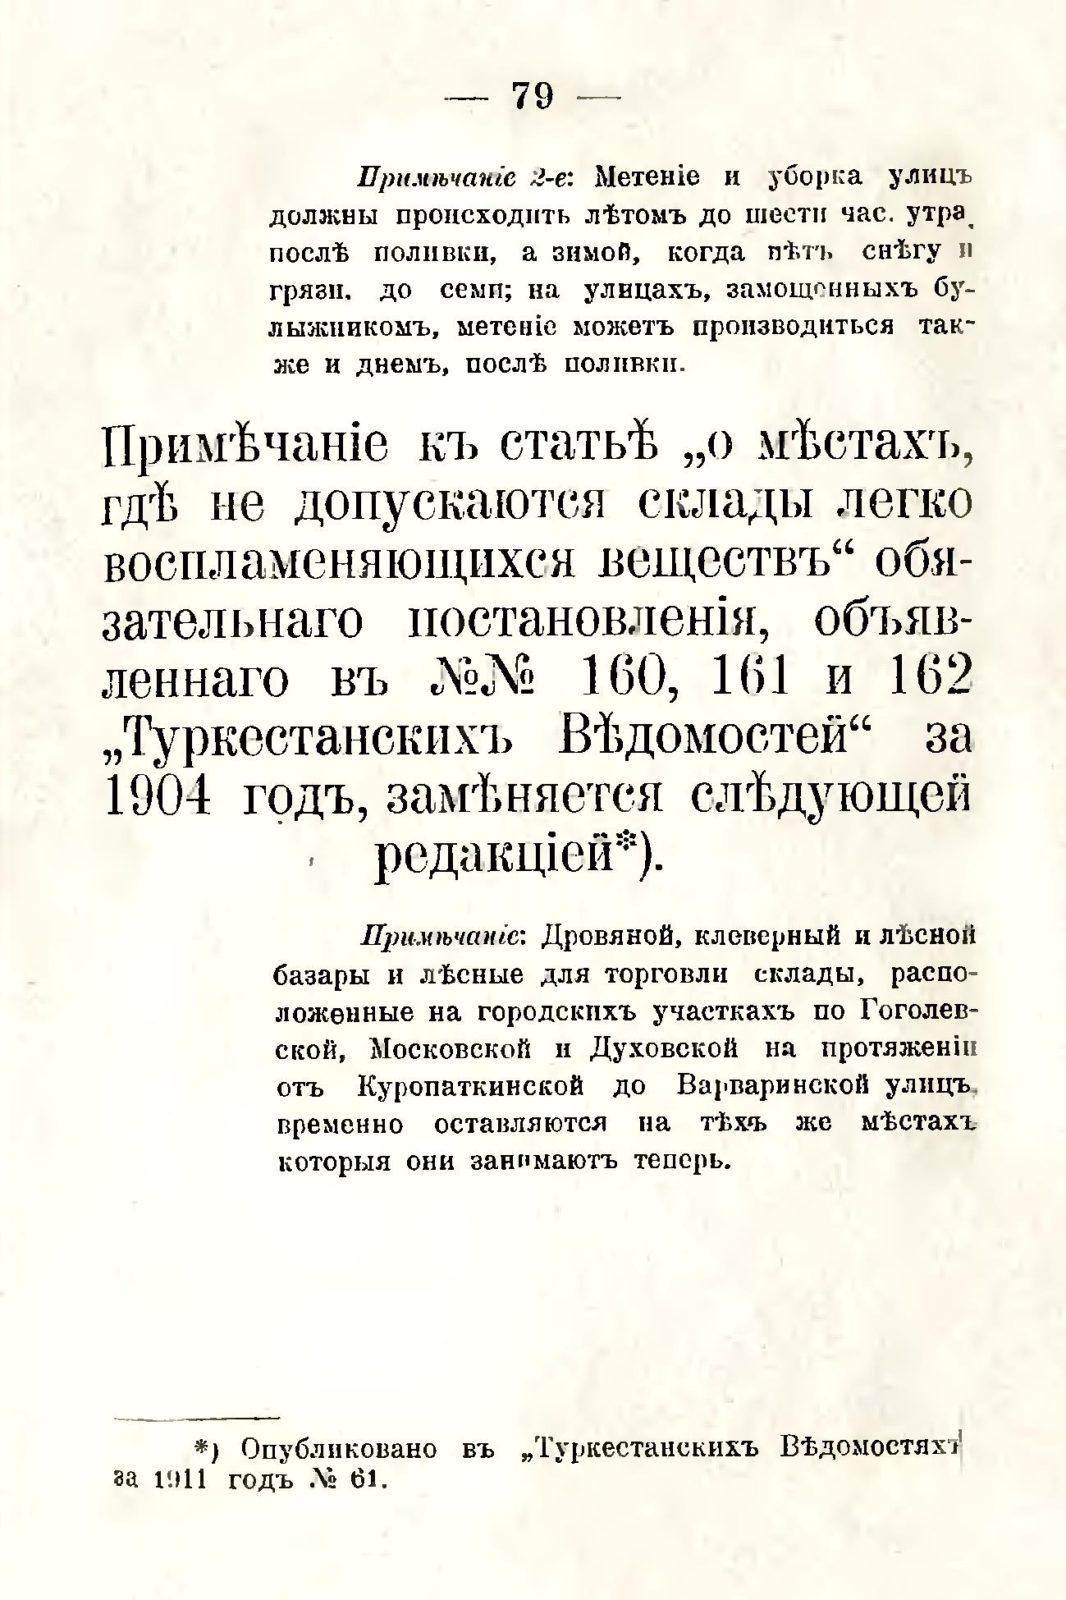 sbornik_obyazatelnyh_postanovlenii_tashkentskoi_gorodskoi_du_83